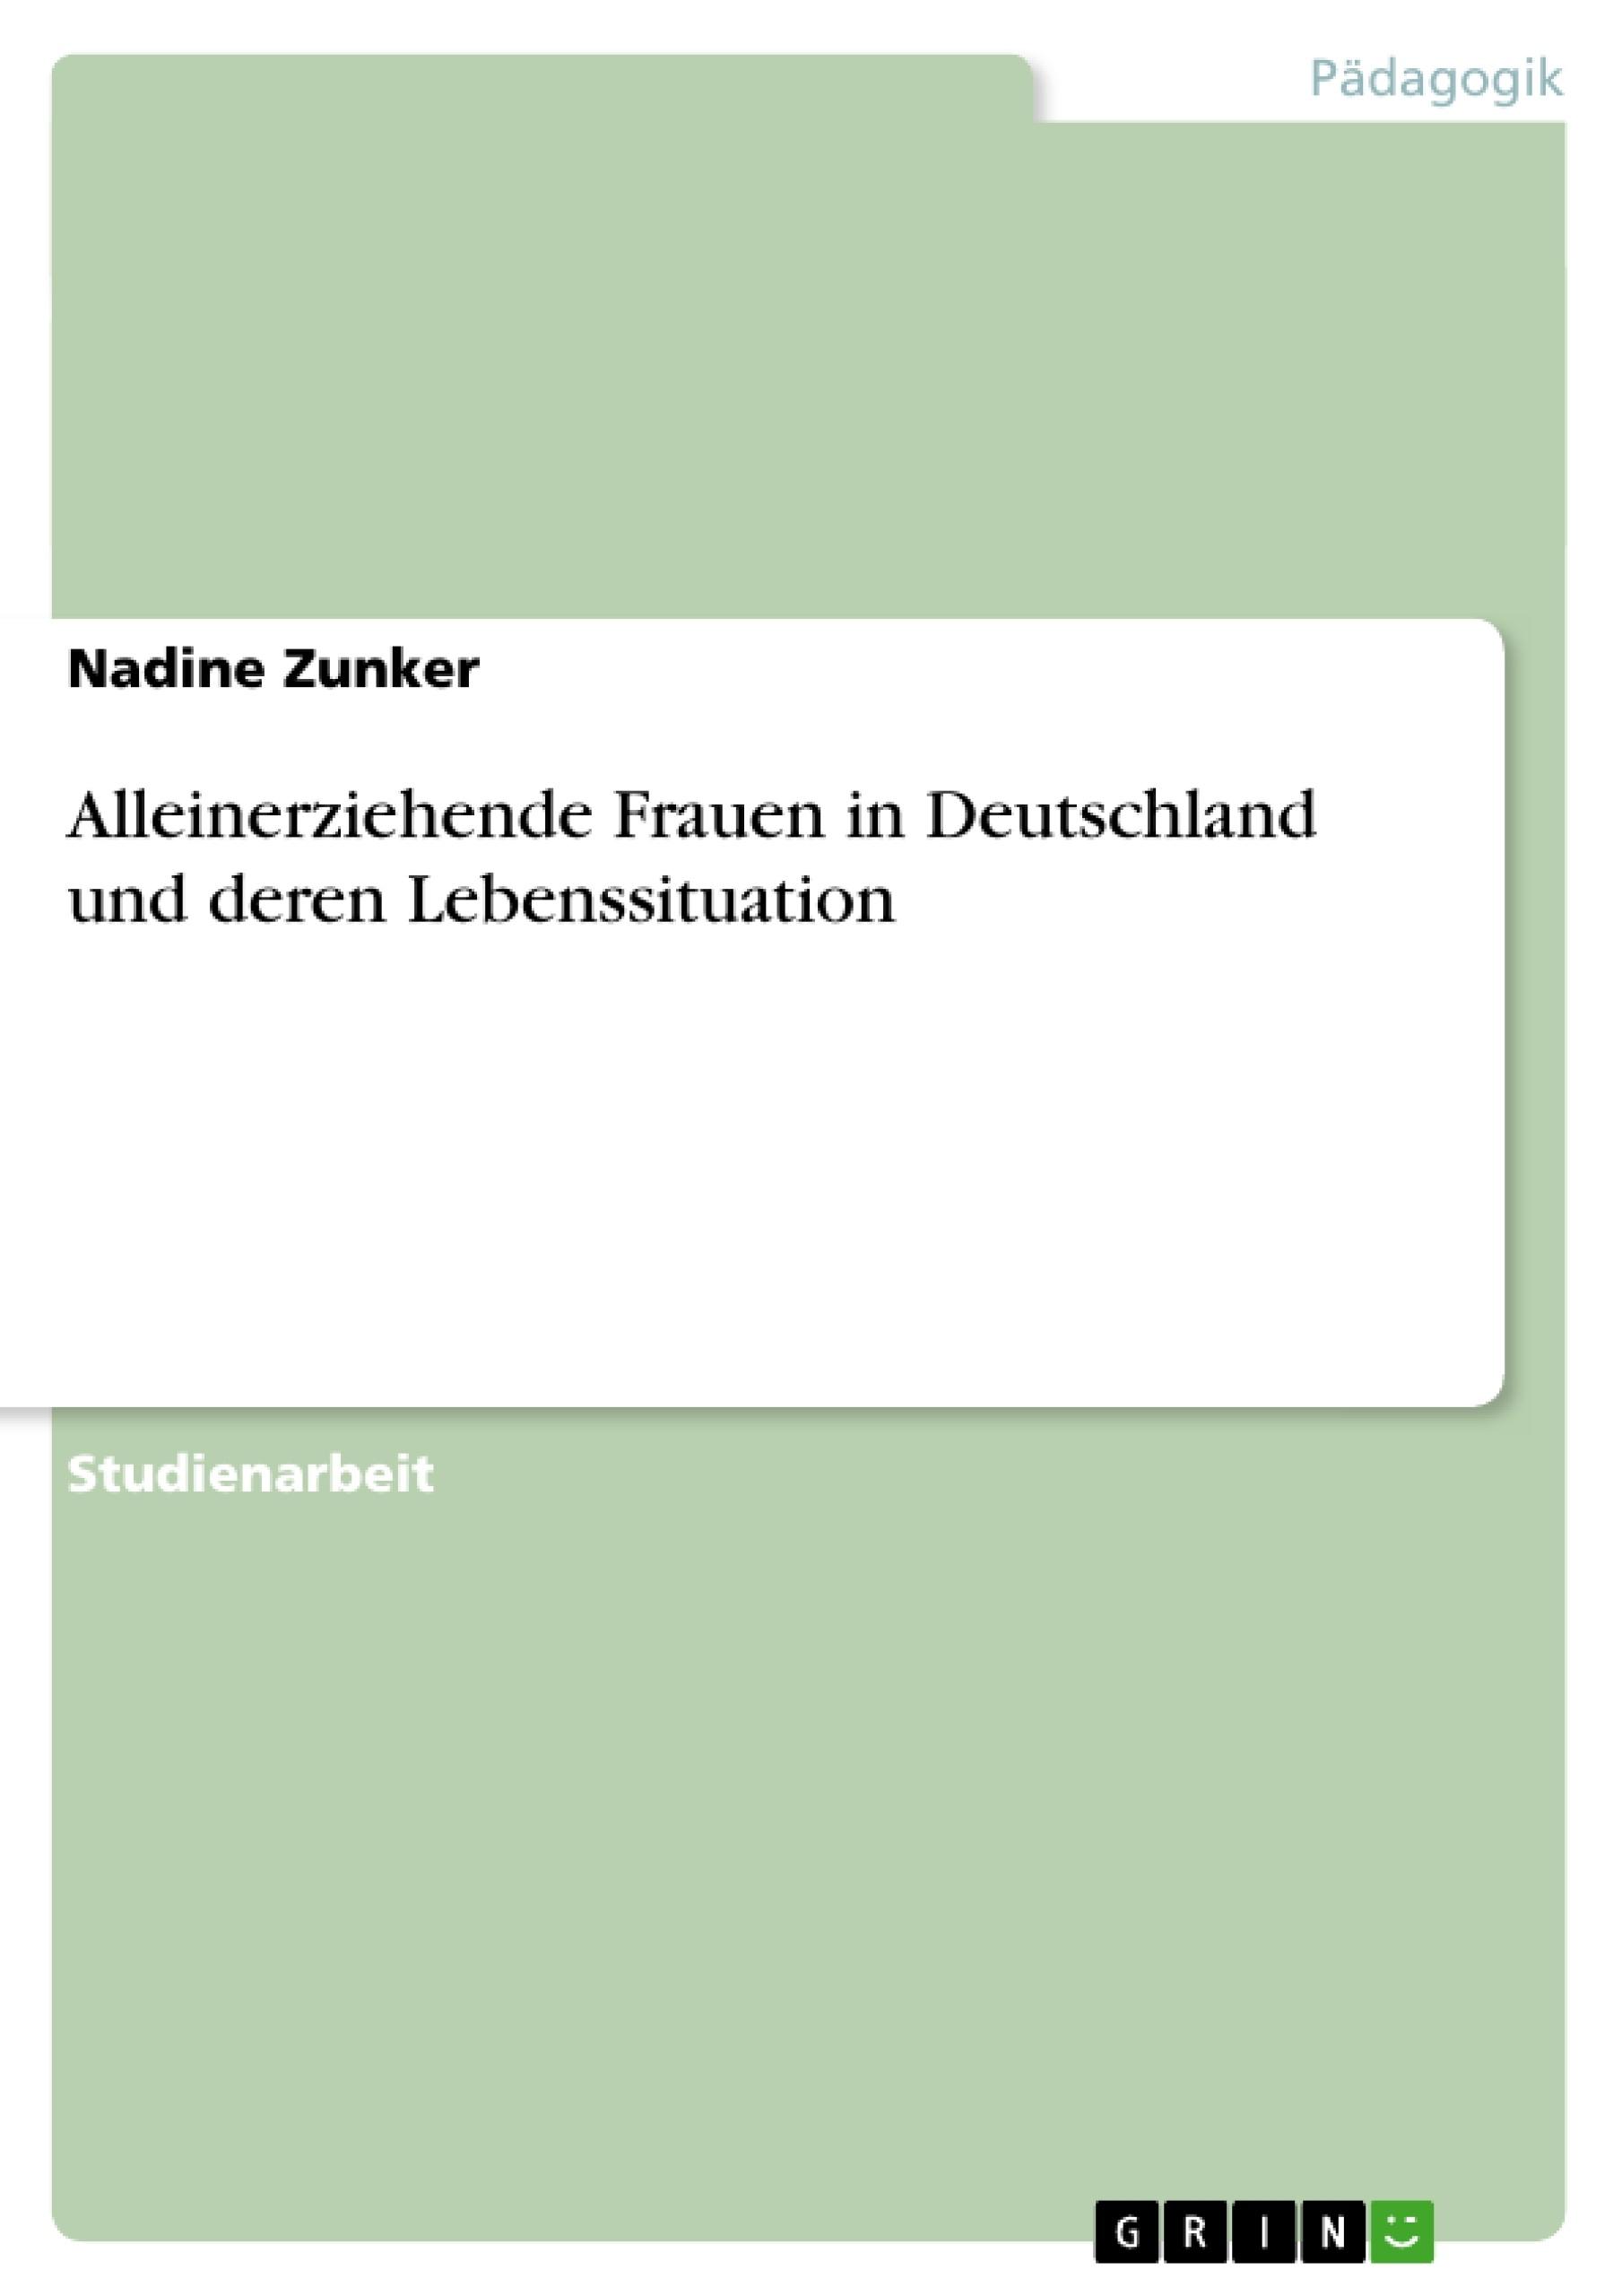 Titel: Alleinerziehende Frauen in Deutschland und deren Lebenssituation